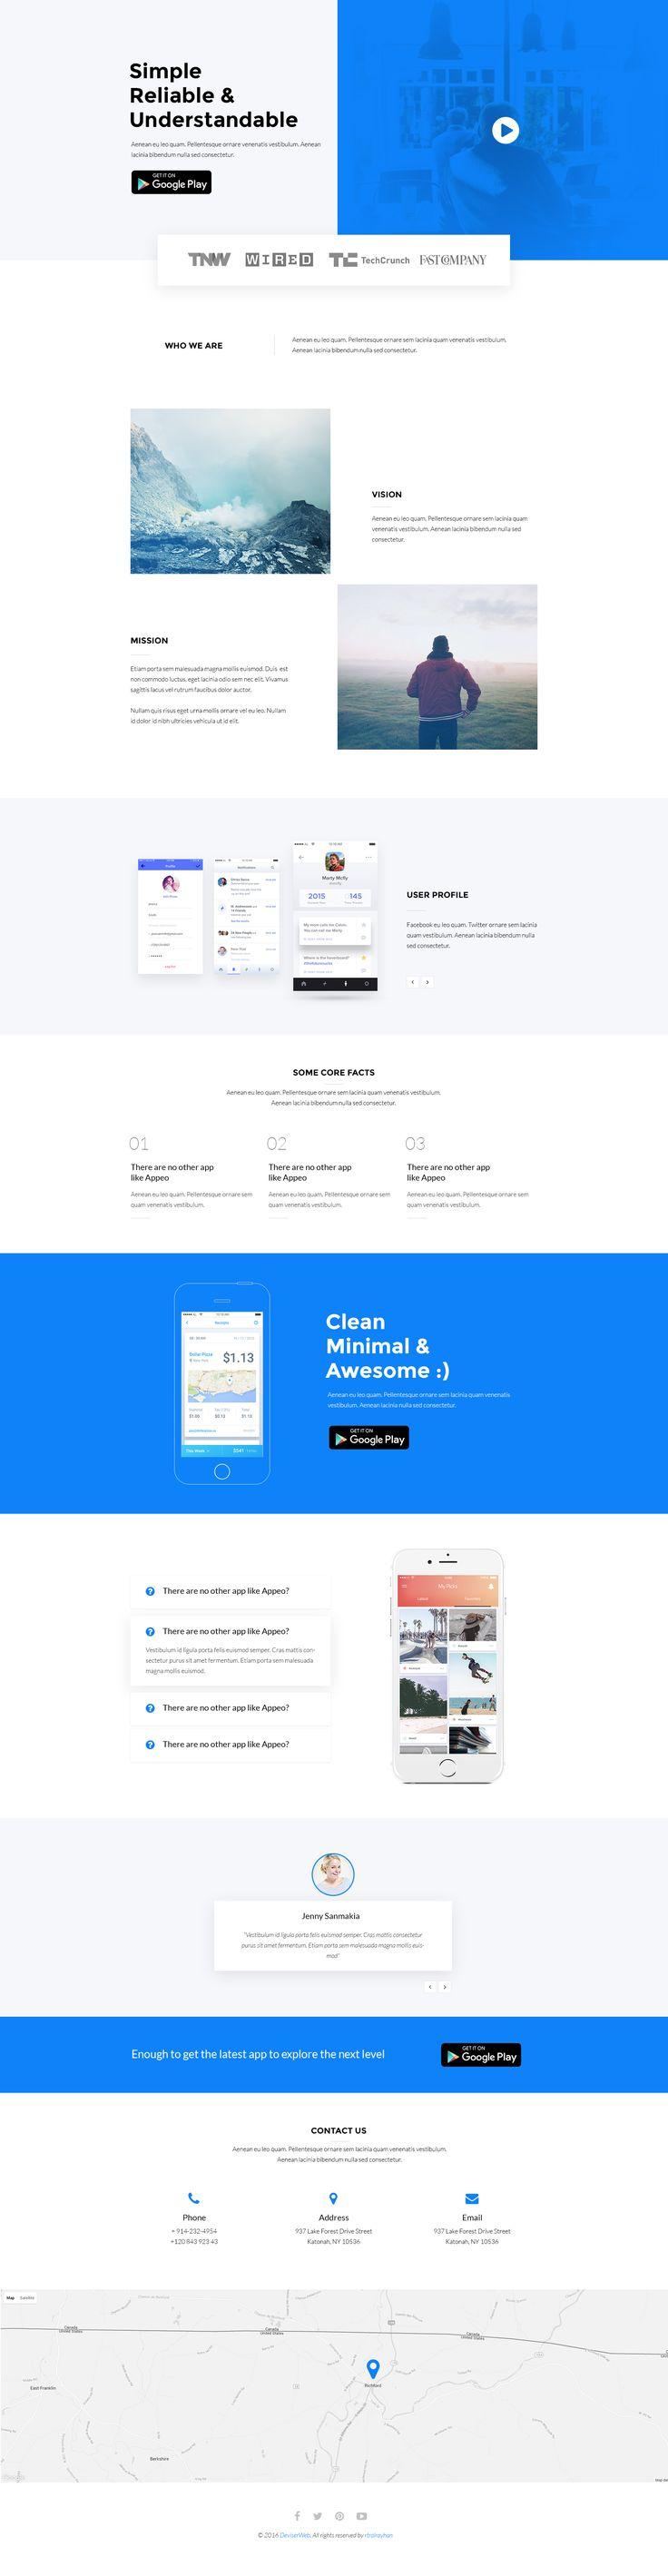 App landing page design ui ux modern